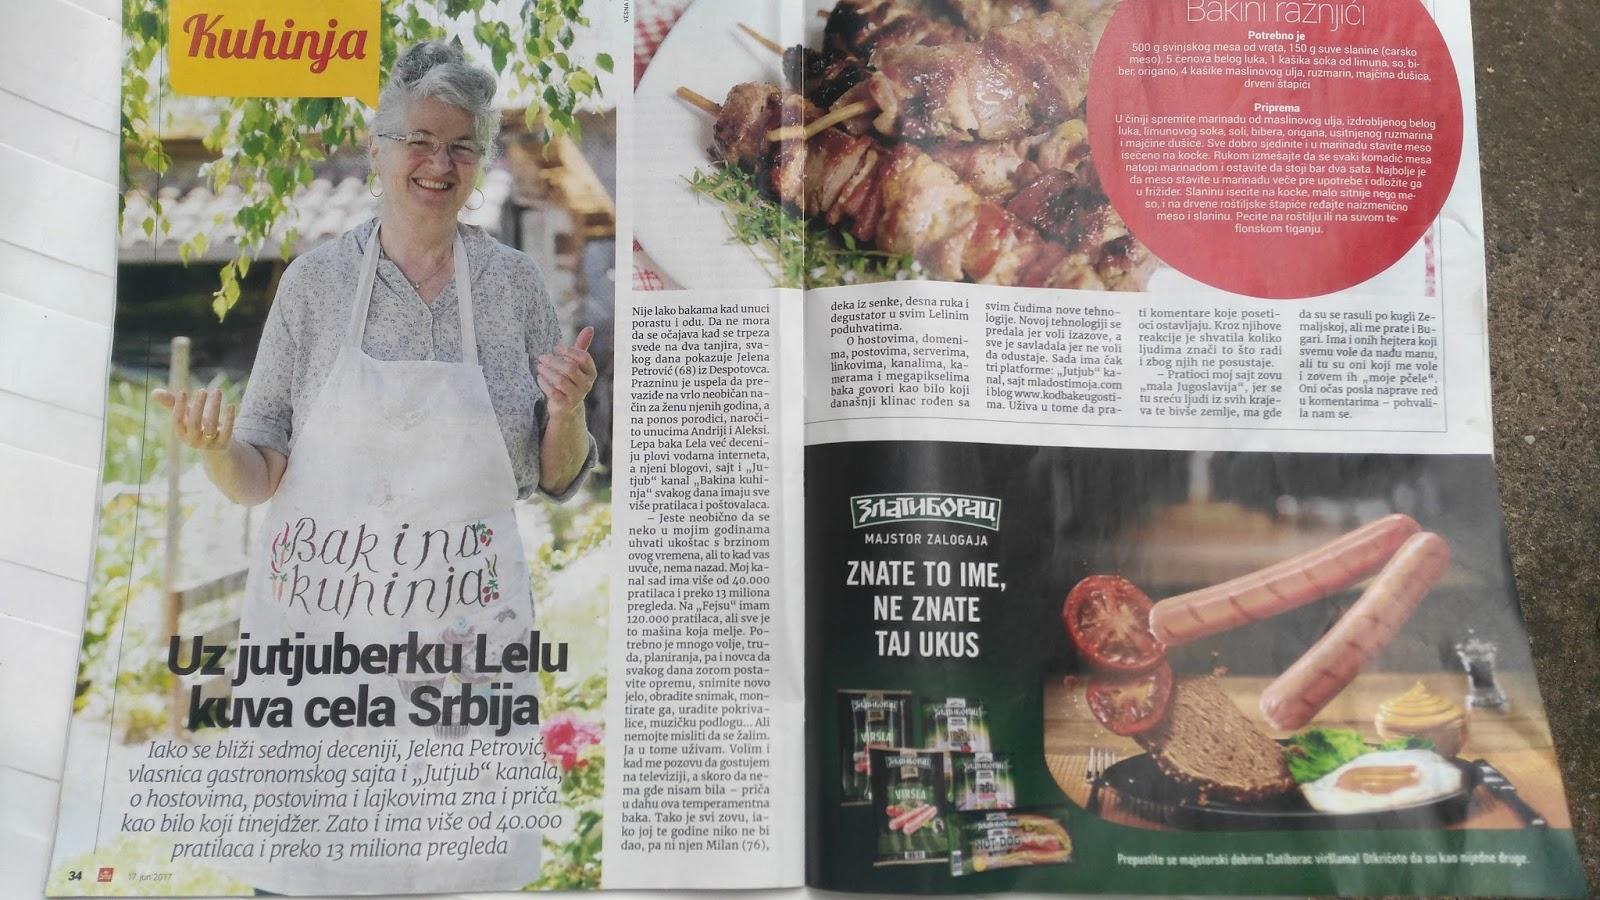 Blic zena kuhinja online dating